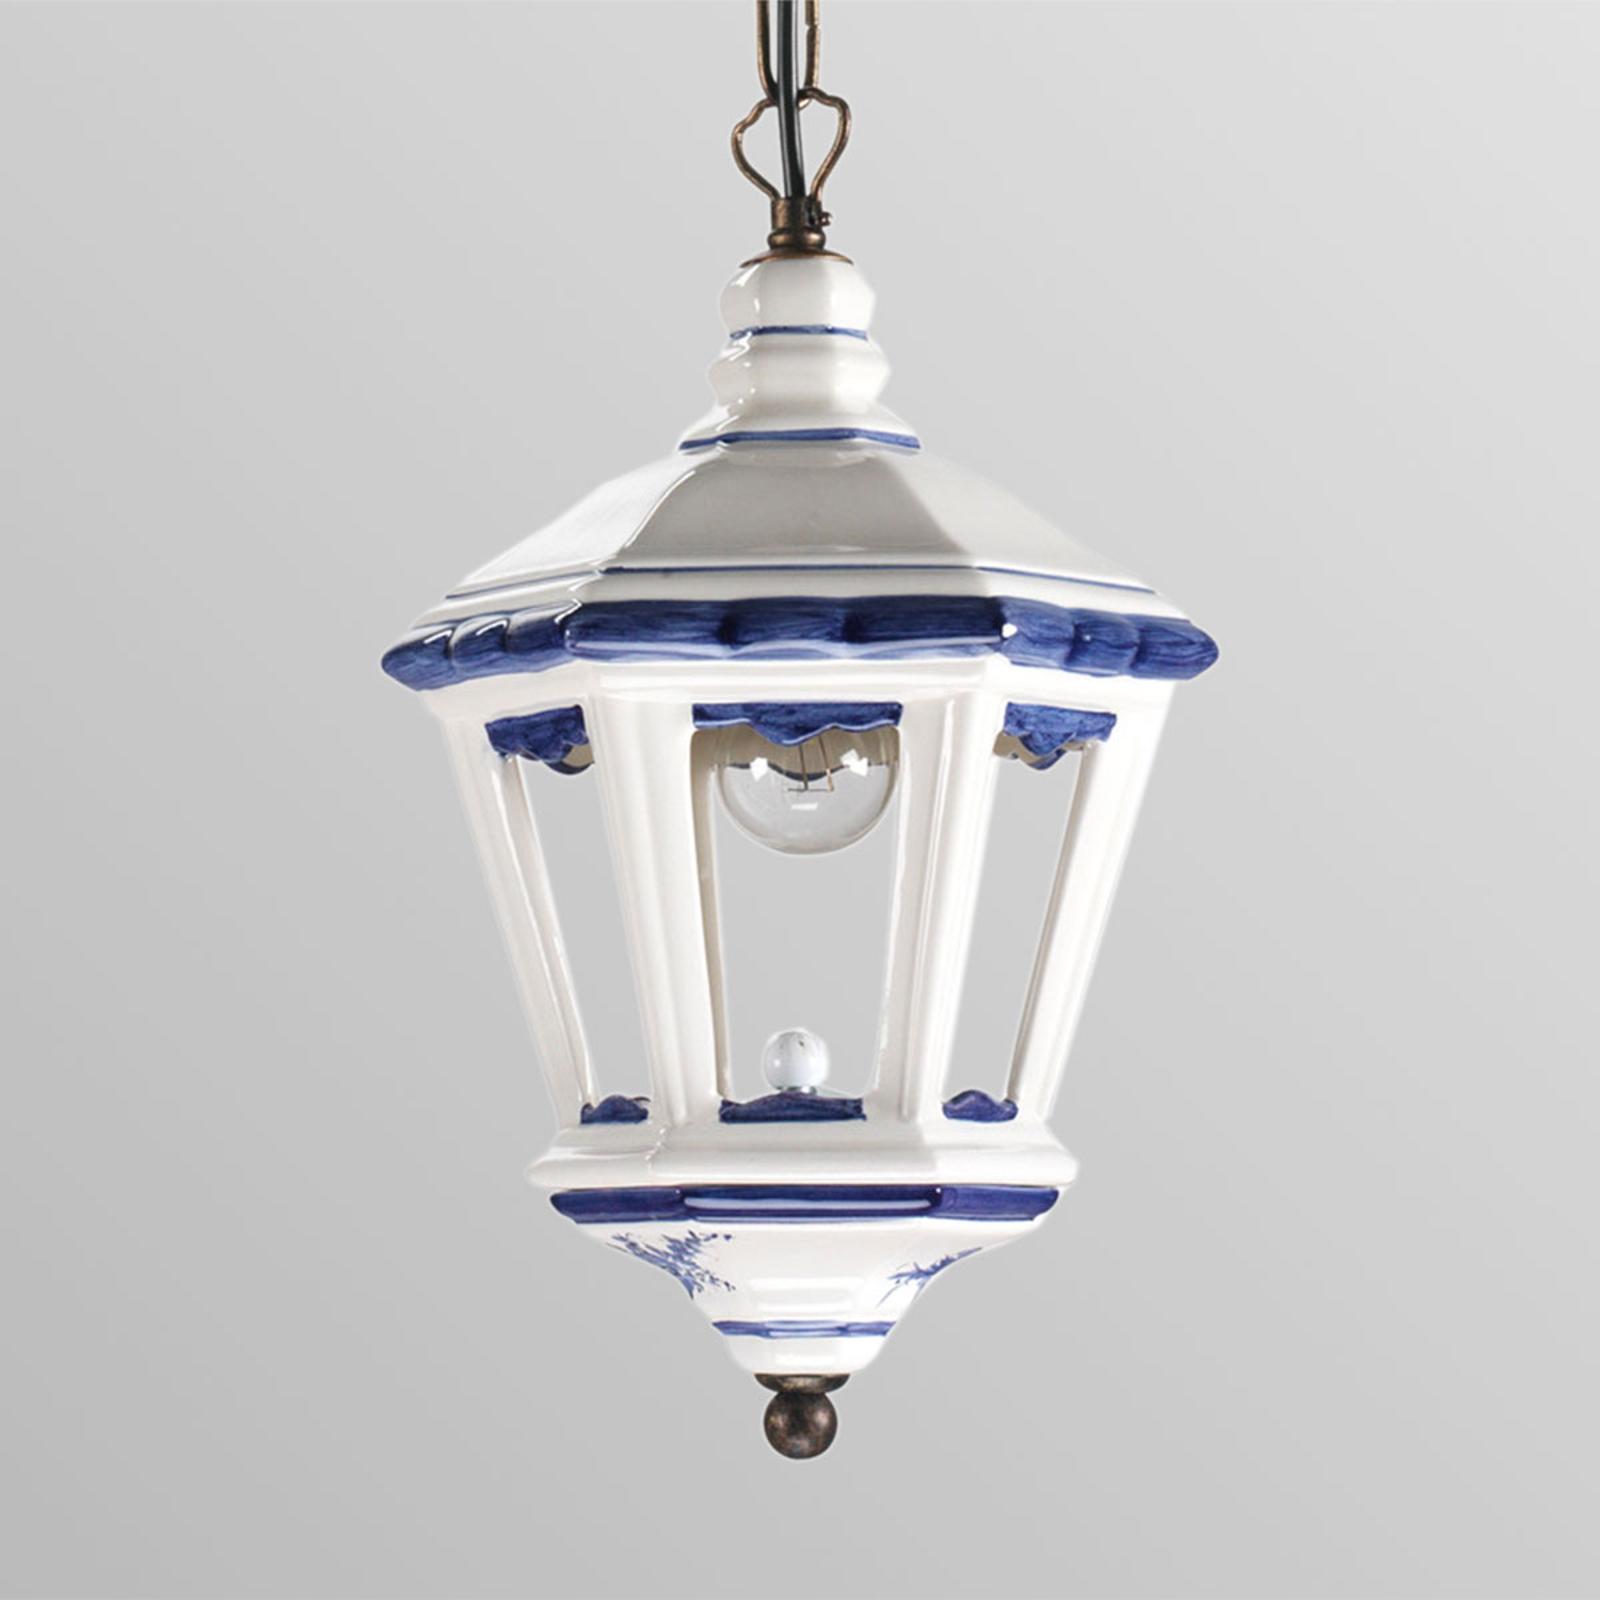 Lanterneformet hængelampe Adonia